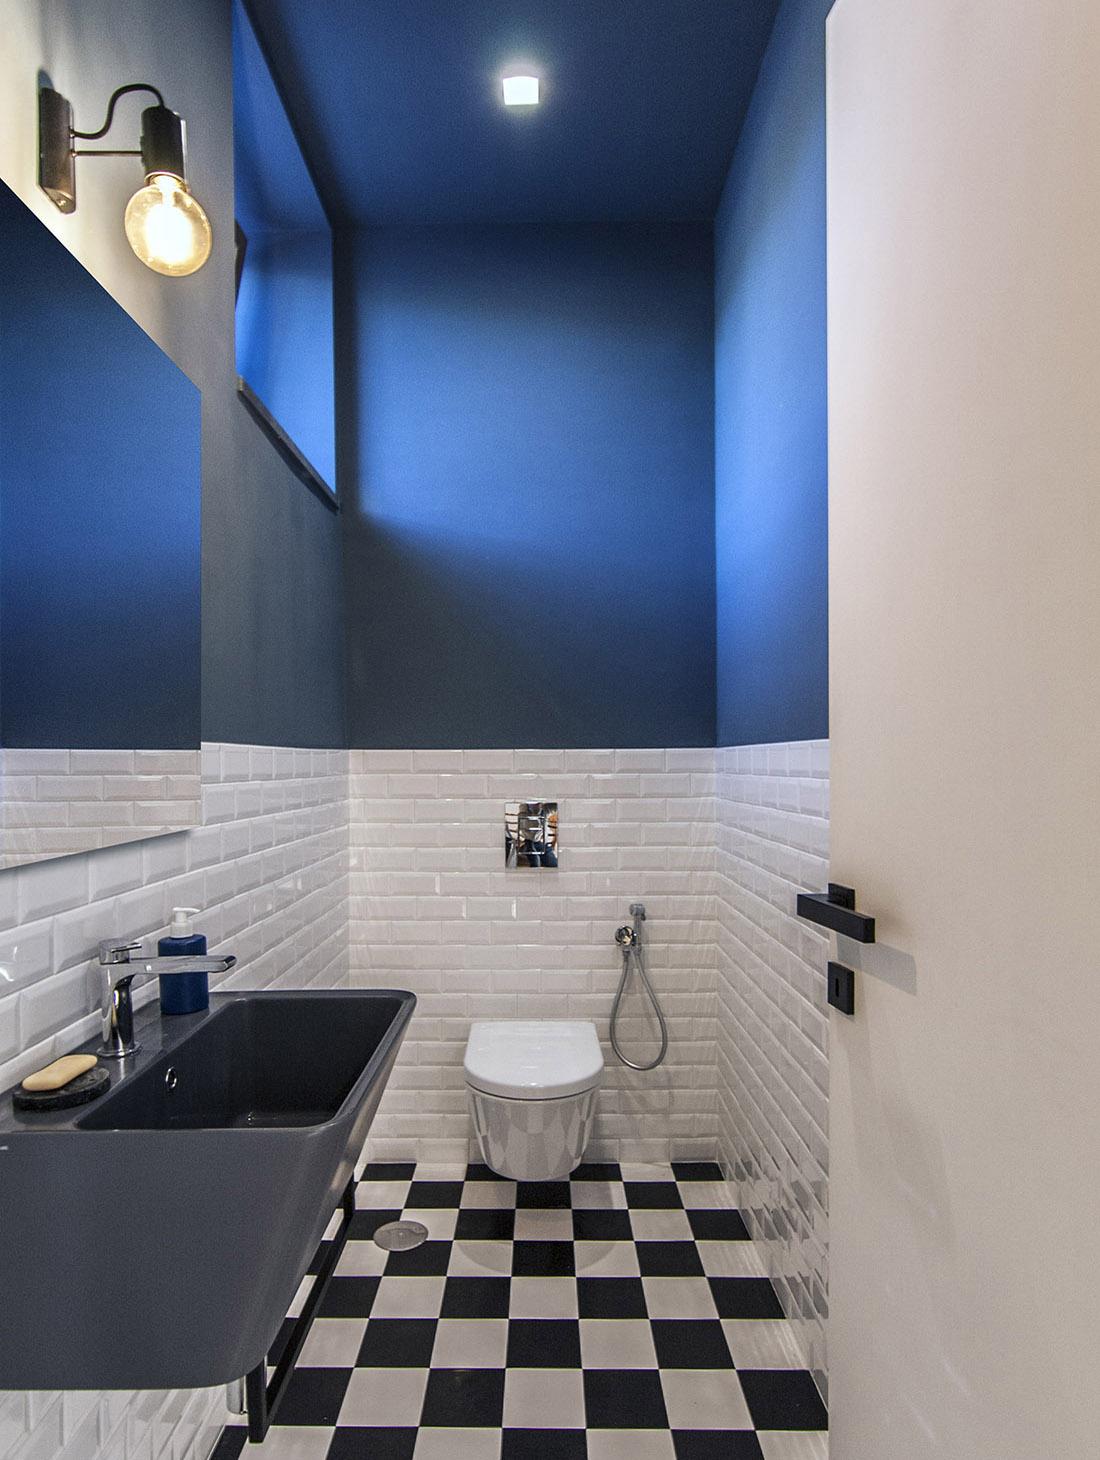 casa-tao-napoli-tufo-a-vista-recupero-moderno-pucciarelli-architetti-bagno